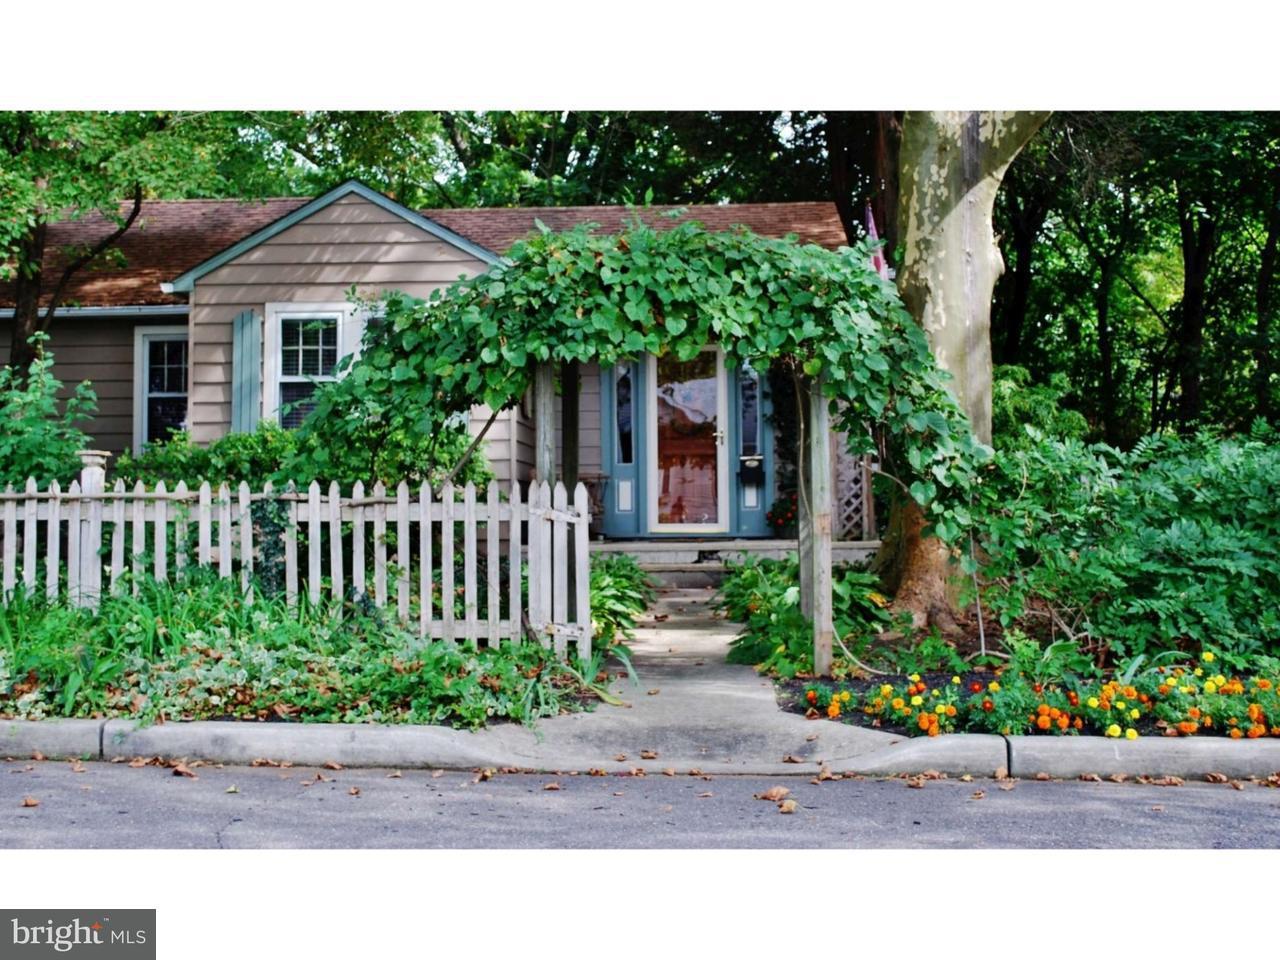 Частный односемейный дом для того Продажа на 116 HOUGH Street Pemberton, Нью-Джерси 08068 Соединенные Штаты